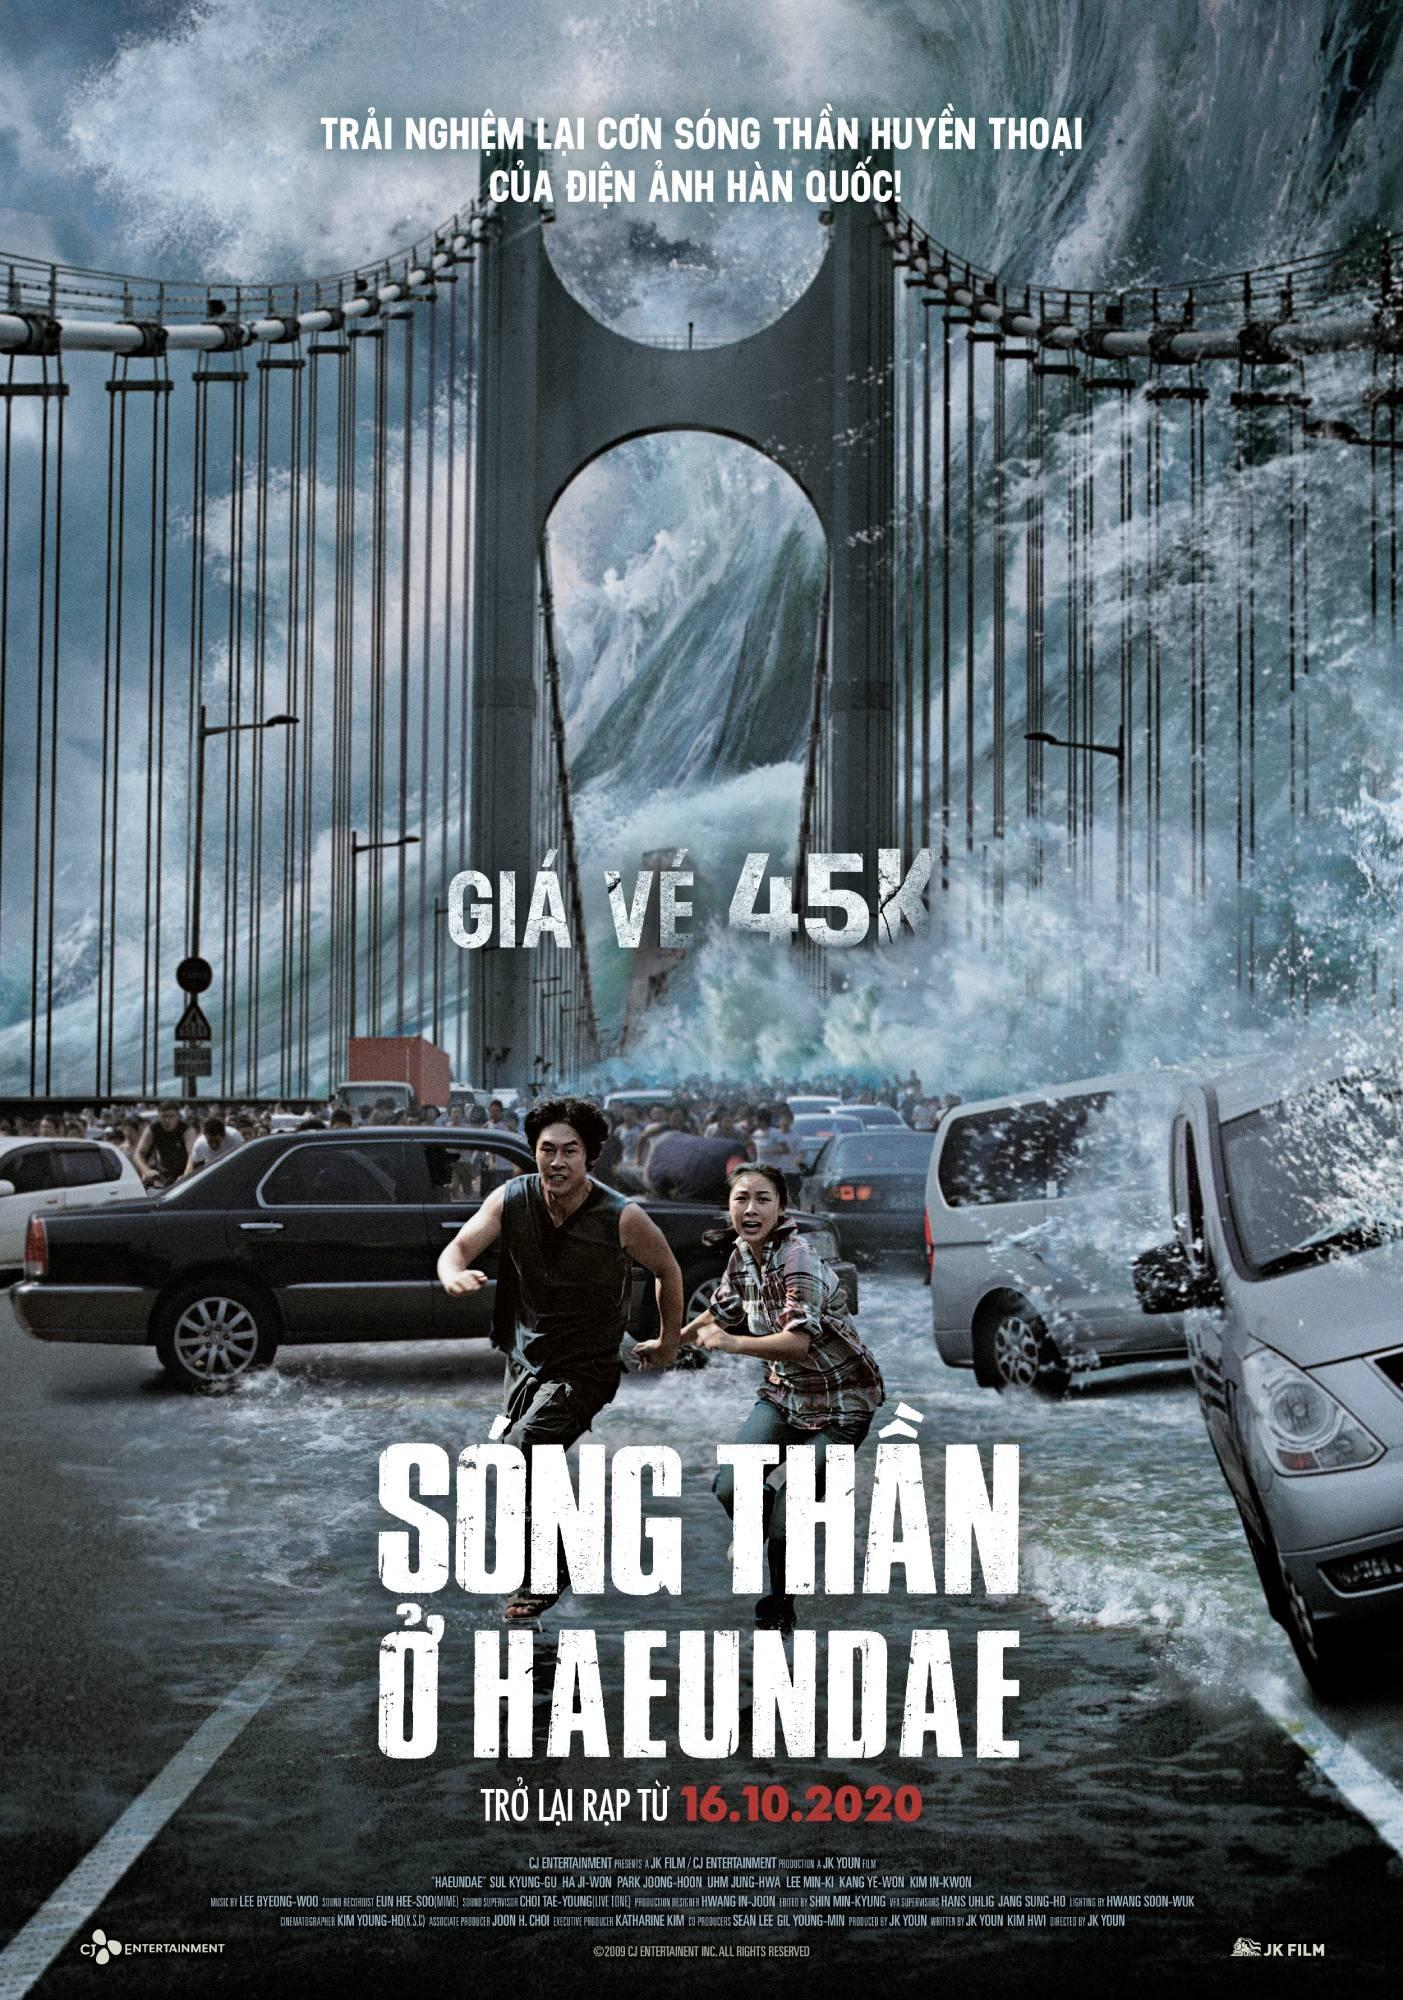 song-than-o-haeundae